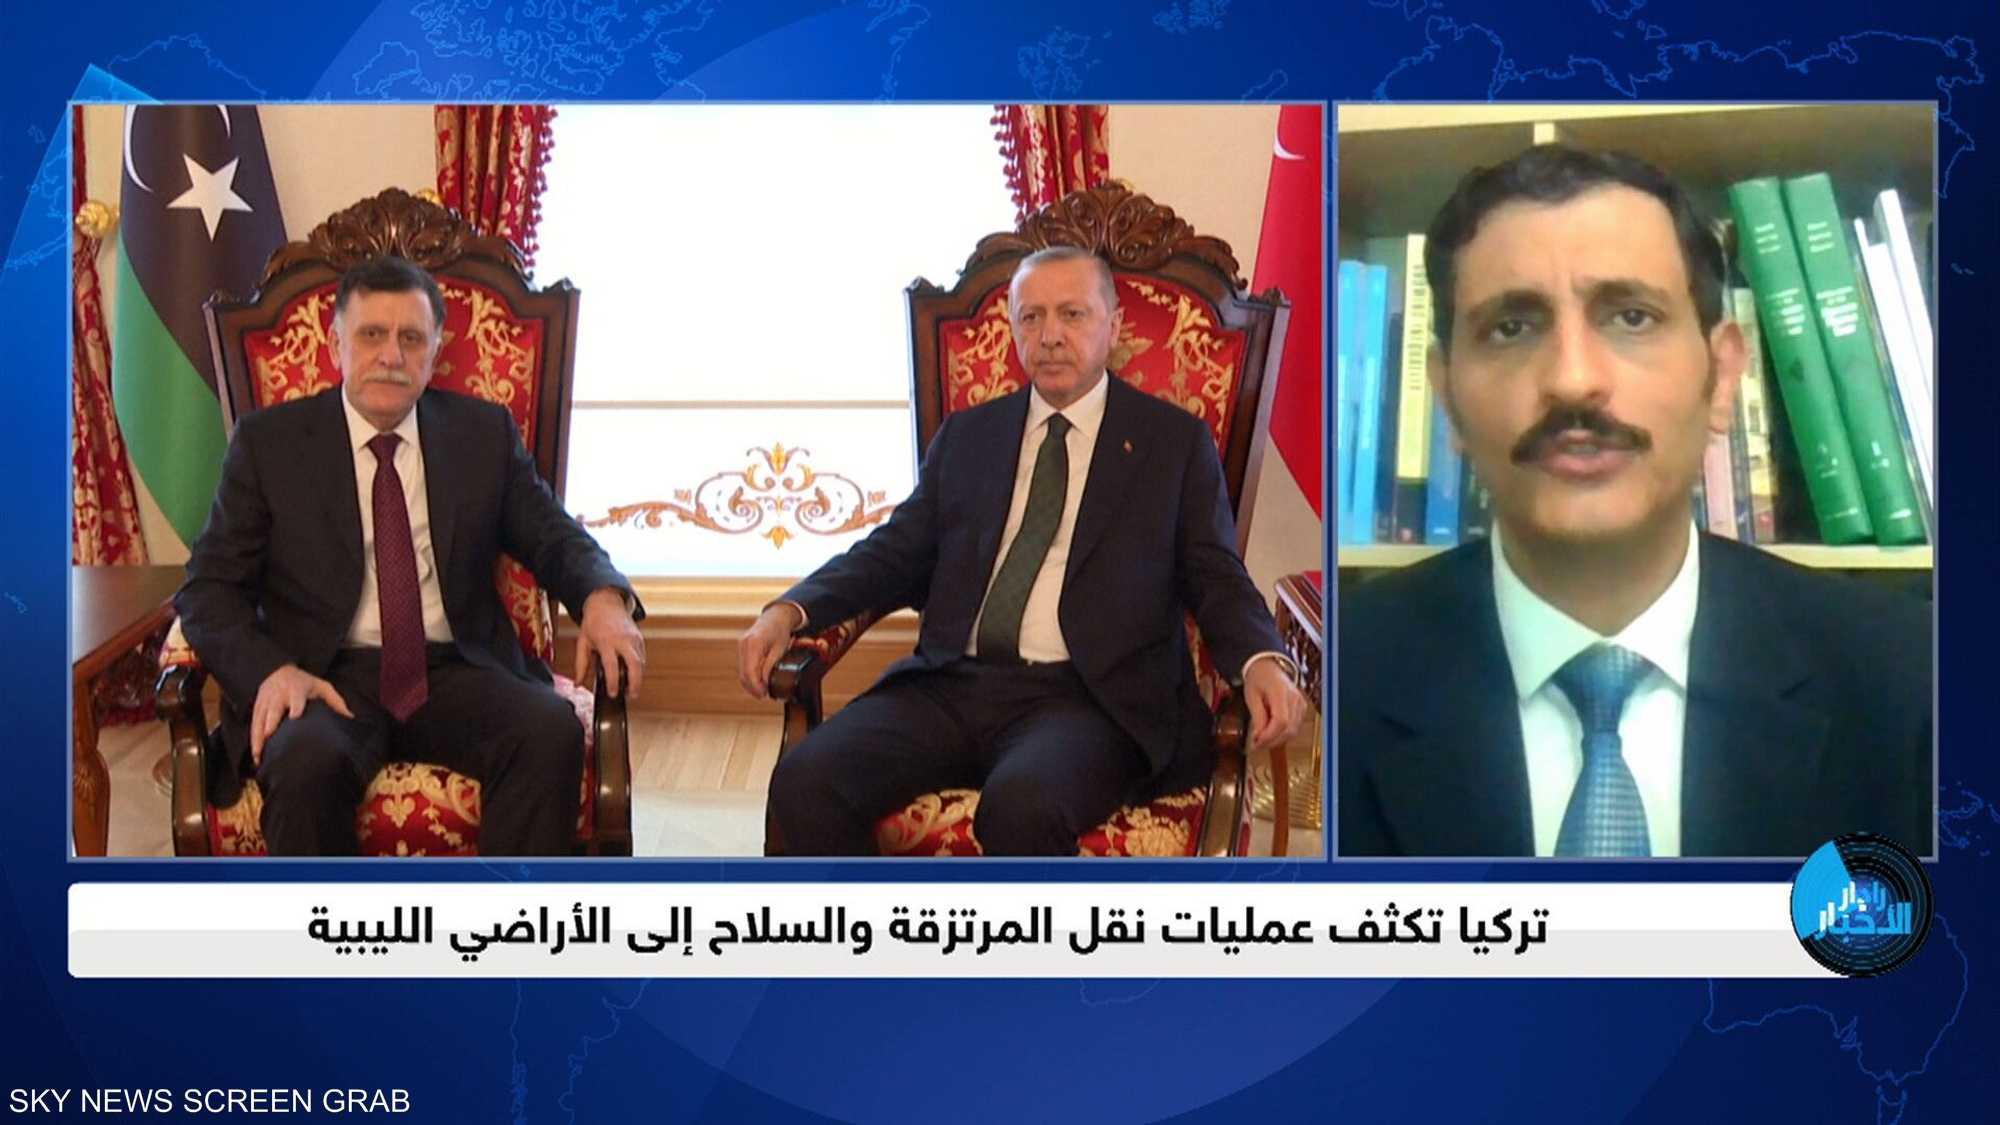 واشنطن تنتقد استمرار تدفق الأسلحة إلى ليبيا